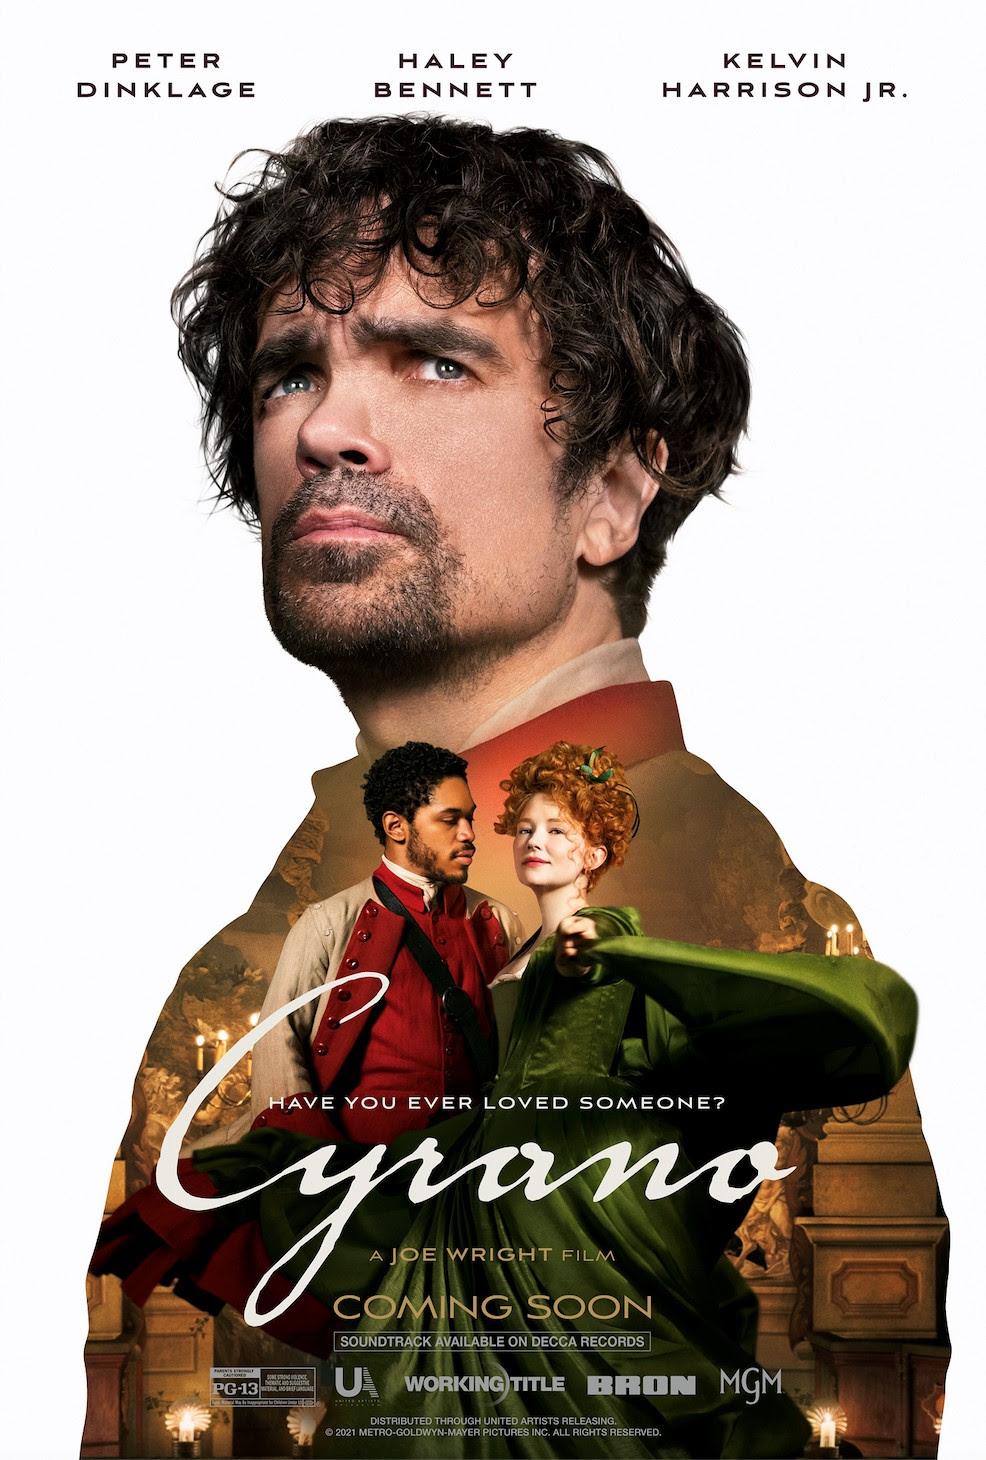 CYRANO Official Trailer